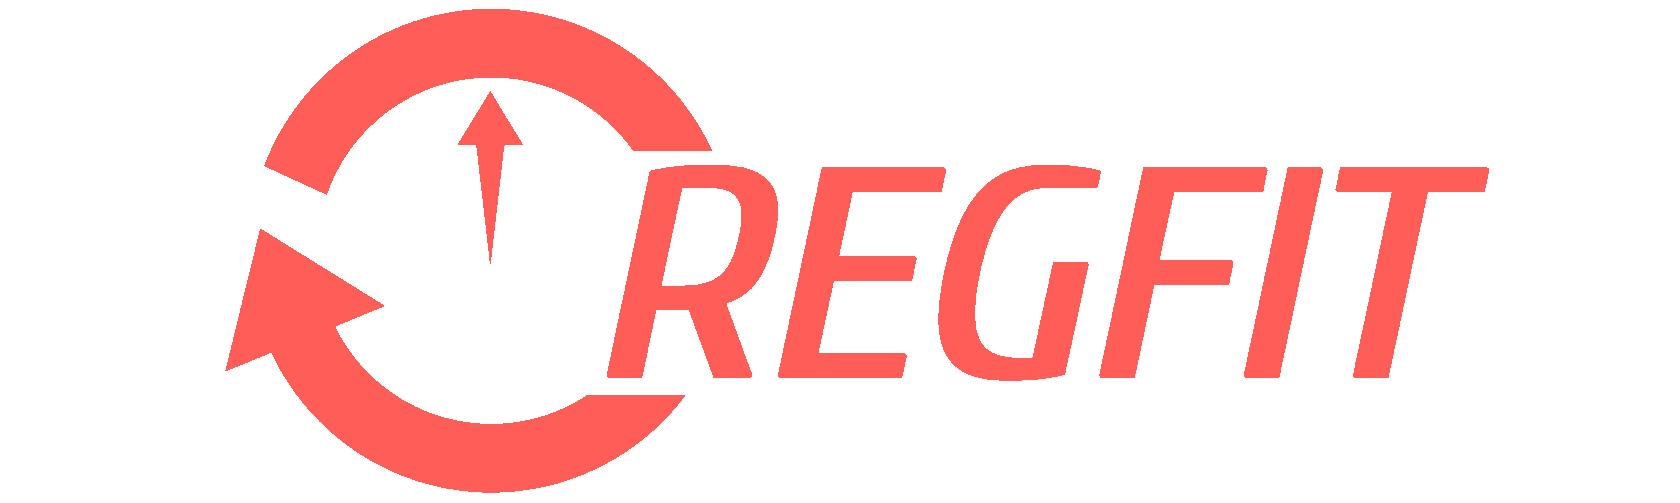 RegFit